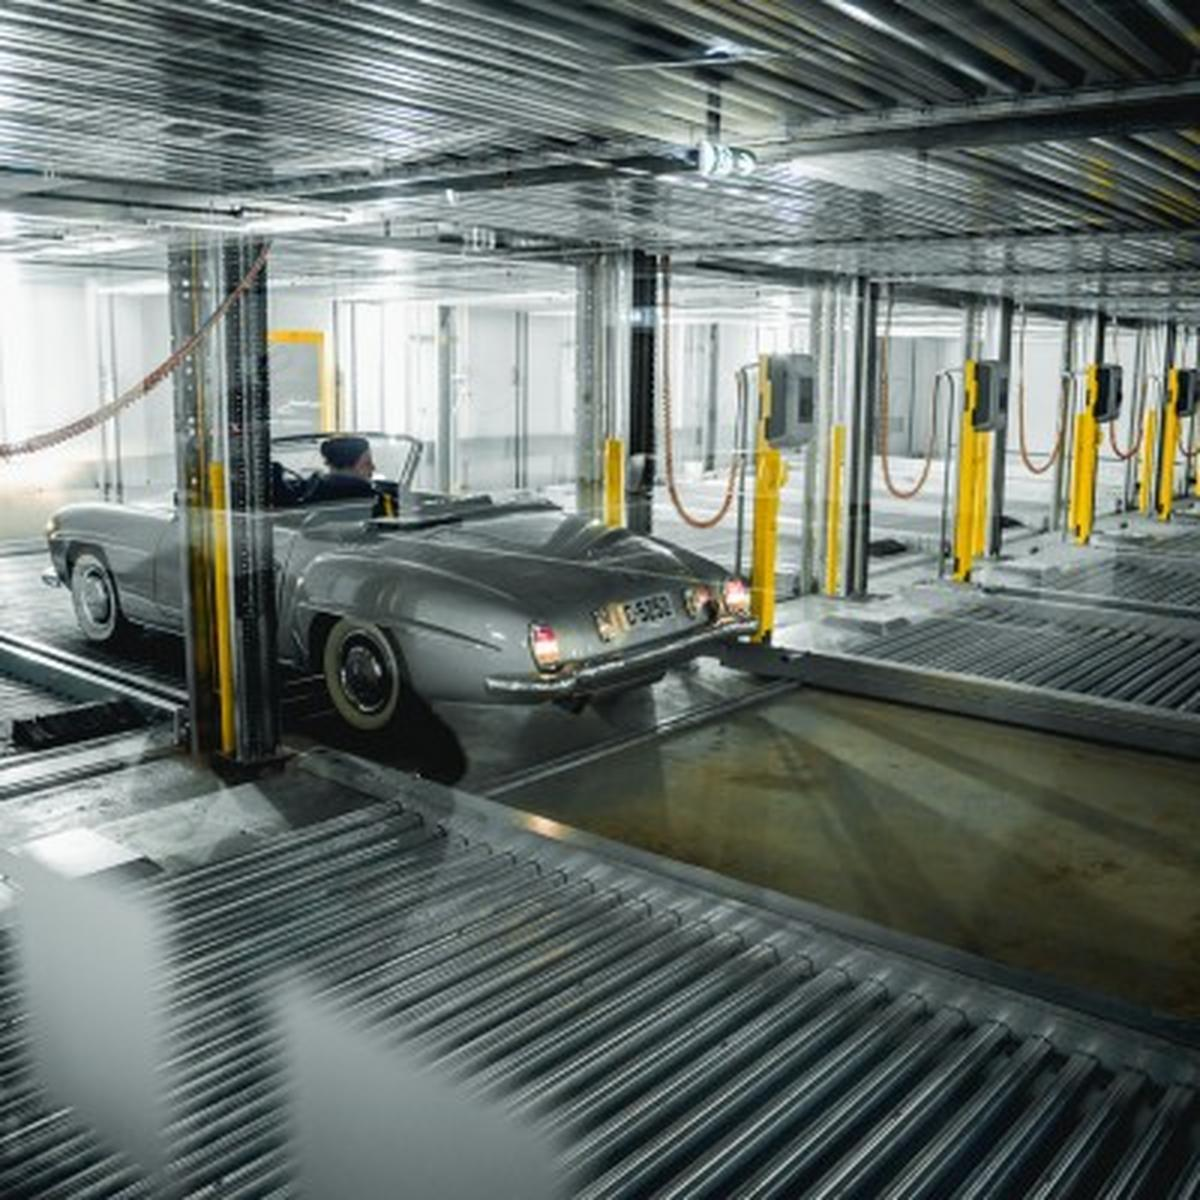 parcheggi meccanizzati per raddoppiare e triplicare i posti auto